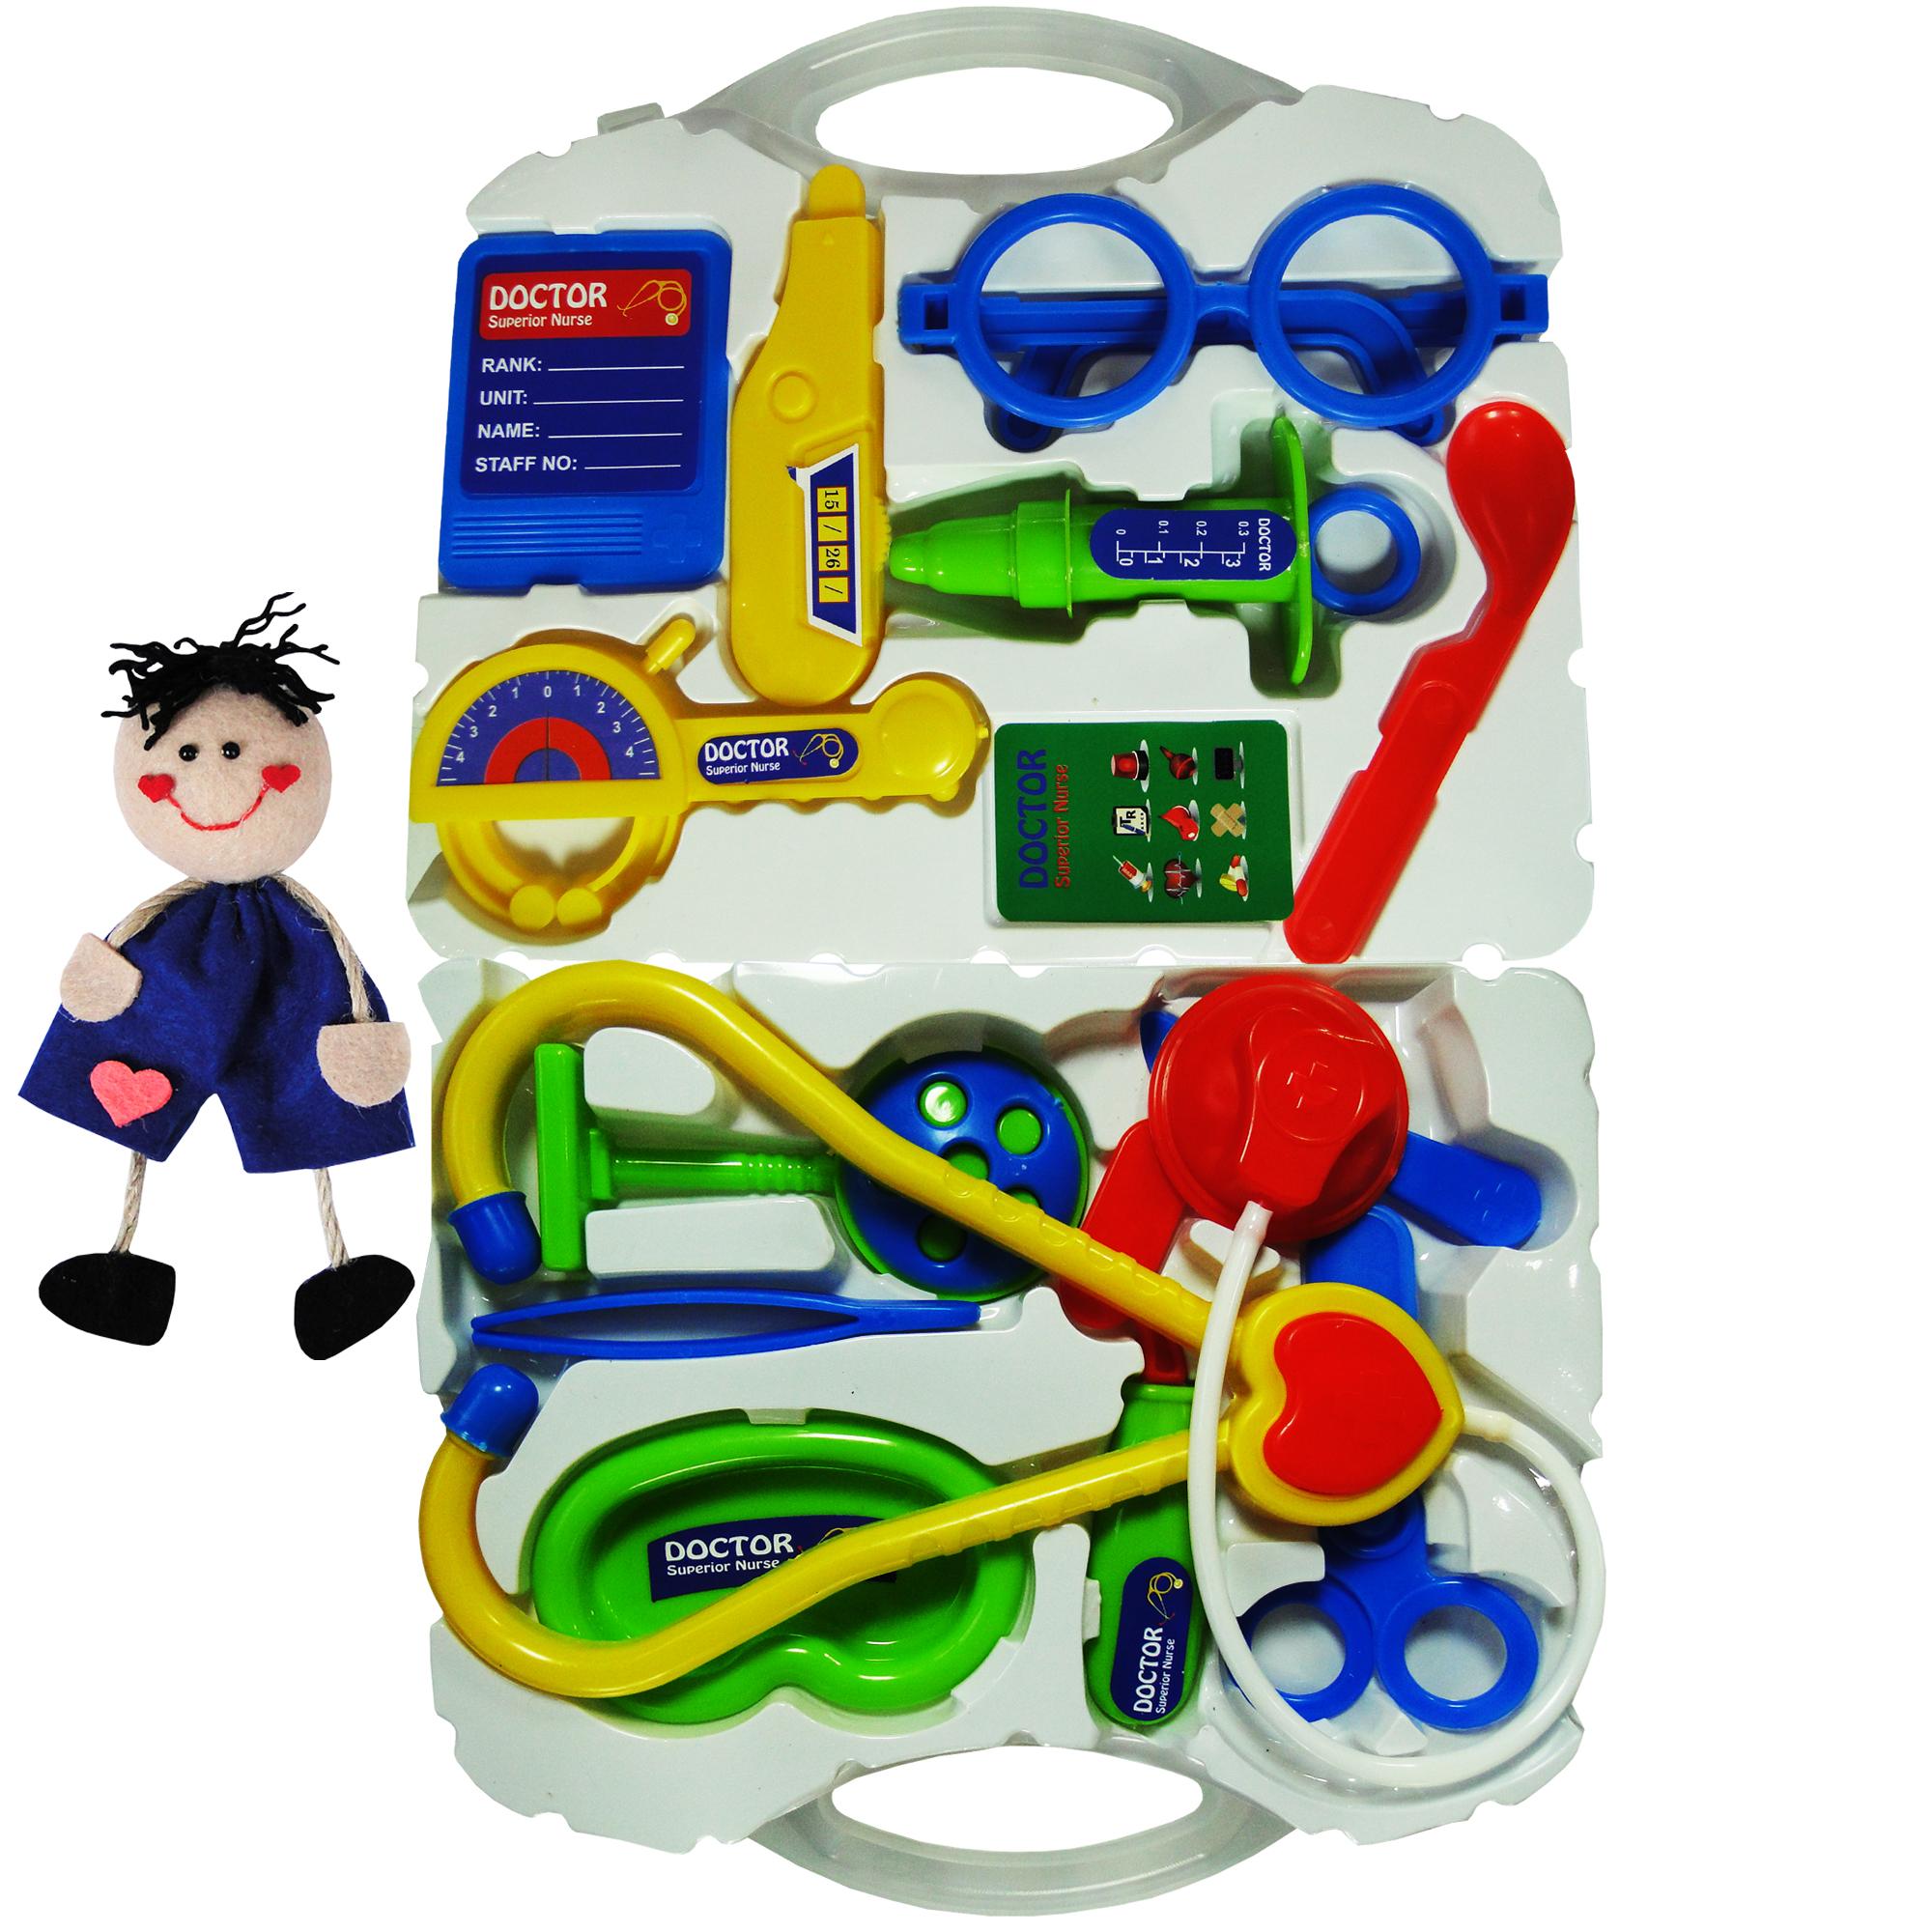 خرید                     اسباب بازی طرح دکتری مدل Doctor Superior کد 2457